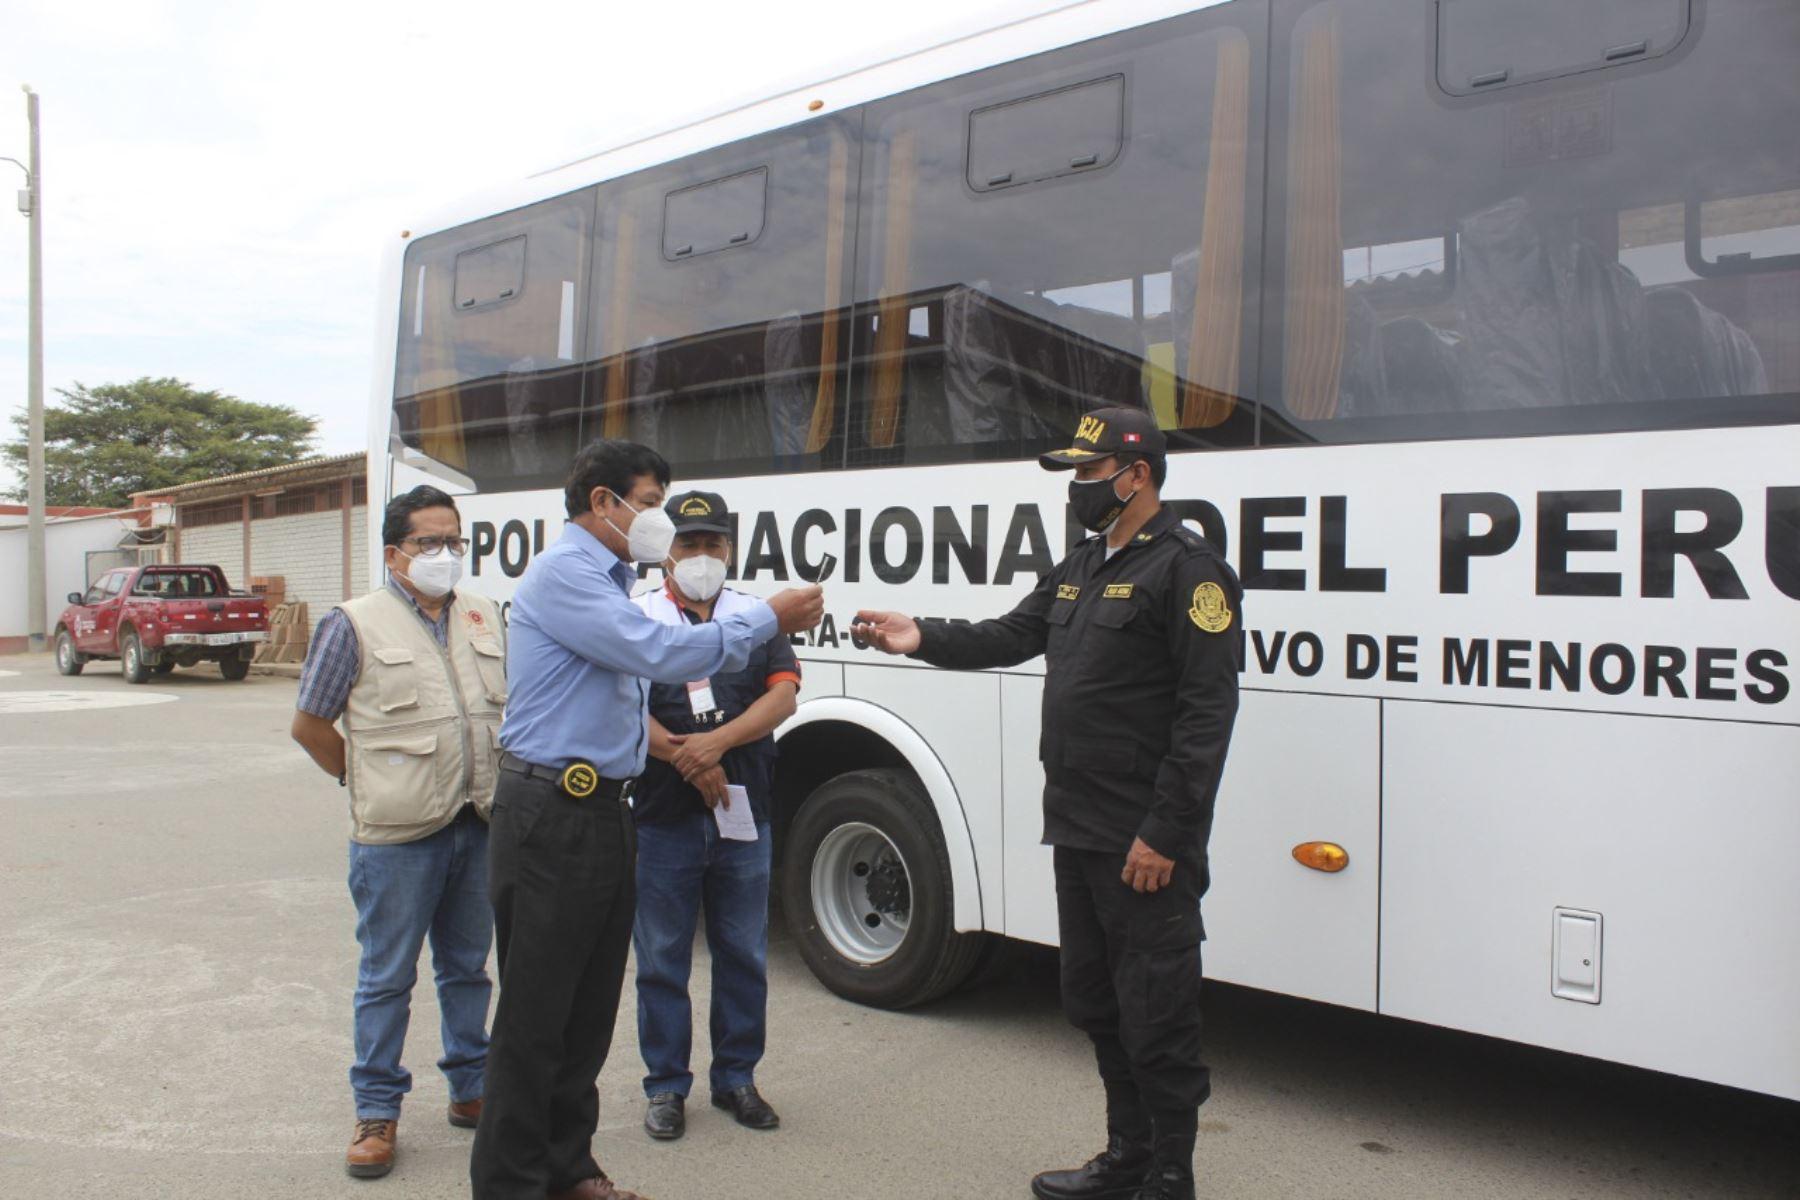 El gobierno regional de Lambayeque, a través de la Secretaria Técnica de Seguridad Ciudadana, entregó un ómnibus a la Policía Nacional. Foto: ANDINA/Difusión